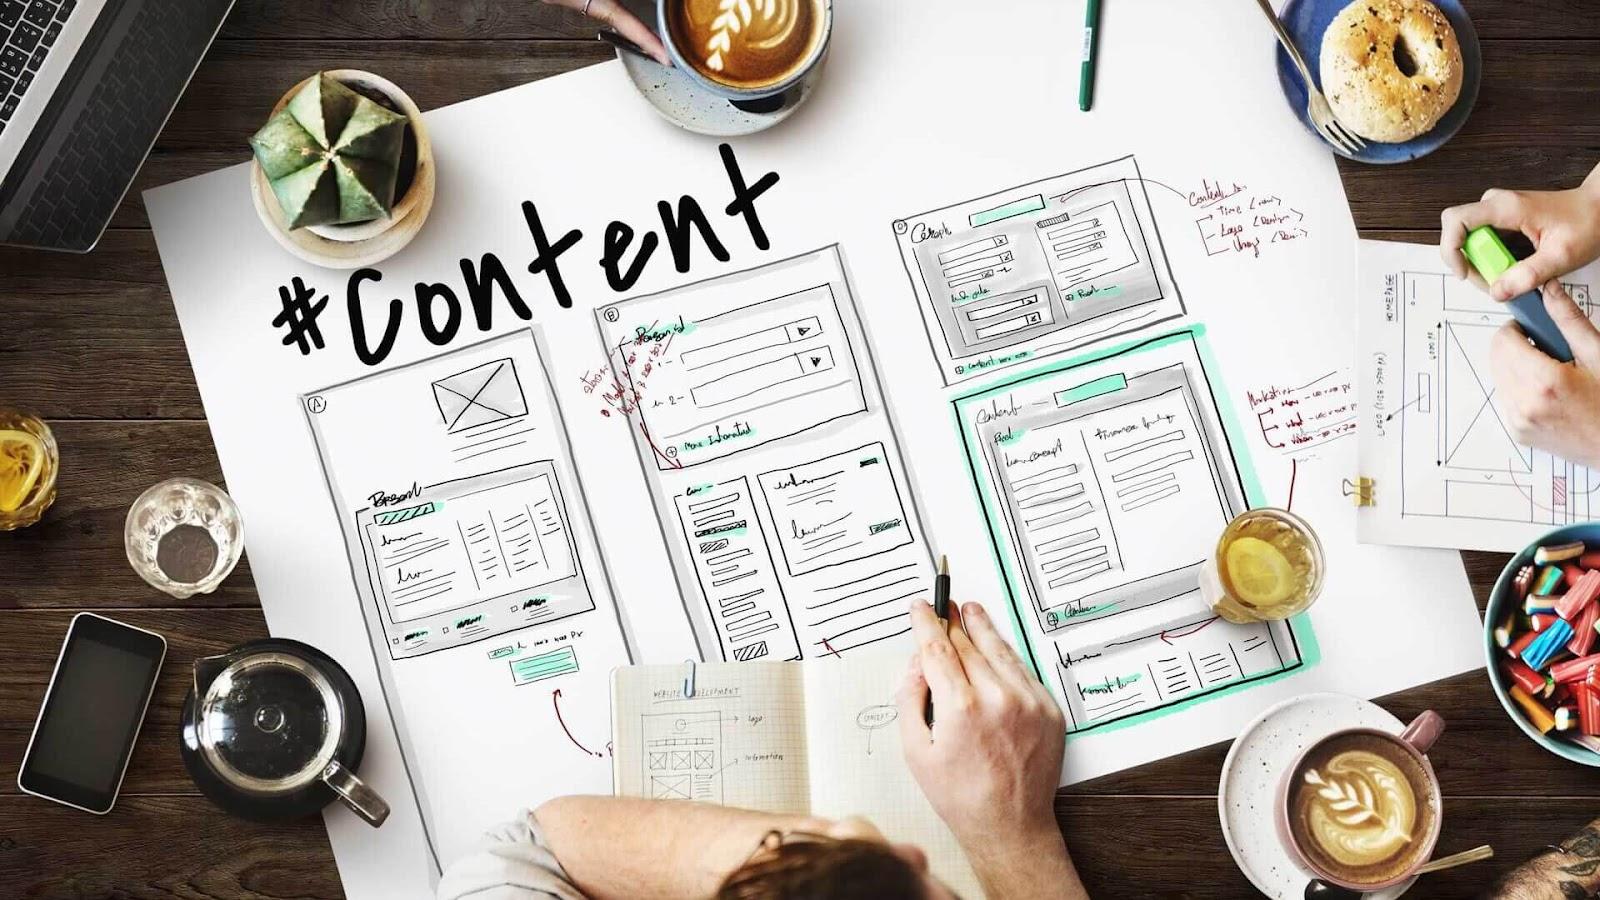 Content của doanh nghiệp cần cung cấp những thông tin thật sự giá trị (Ảnh: minara.net)